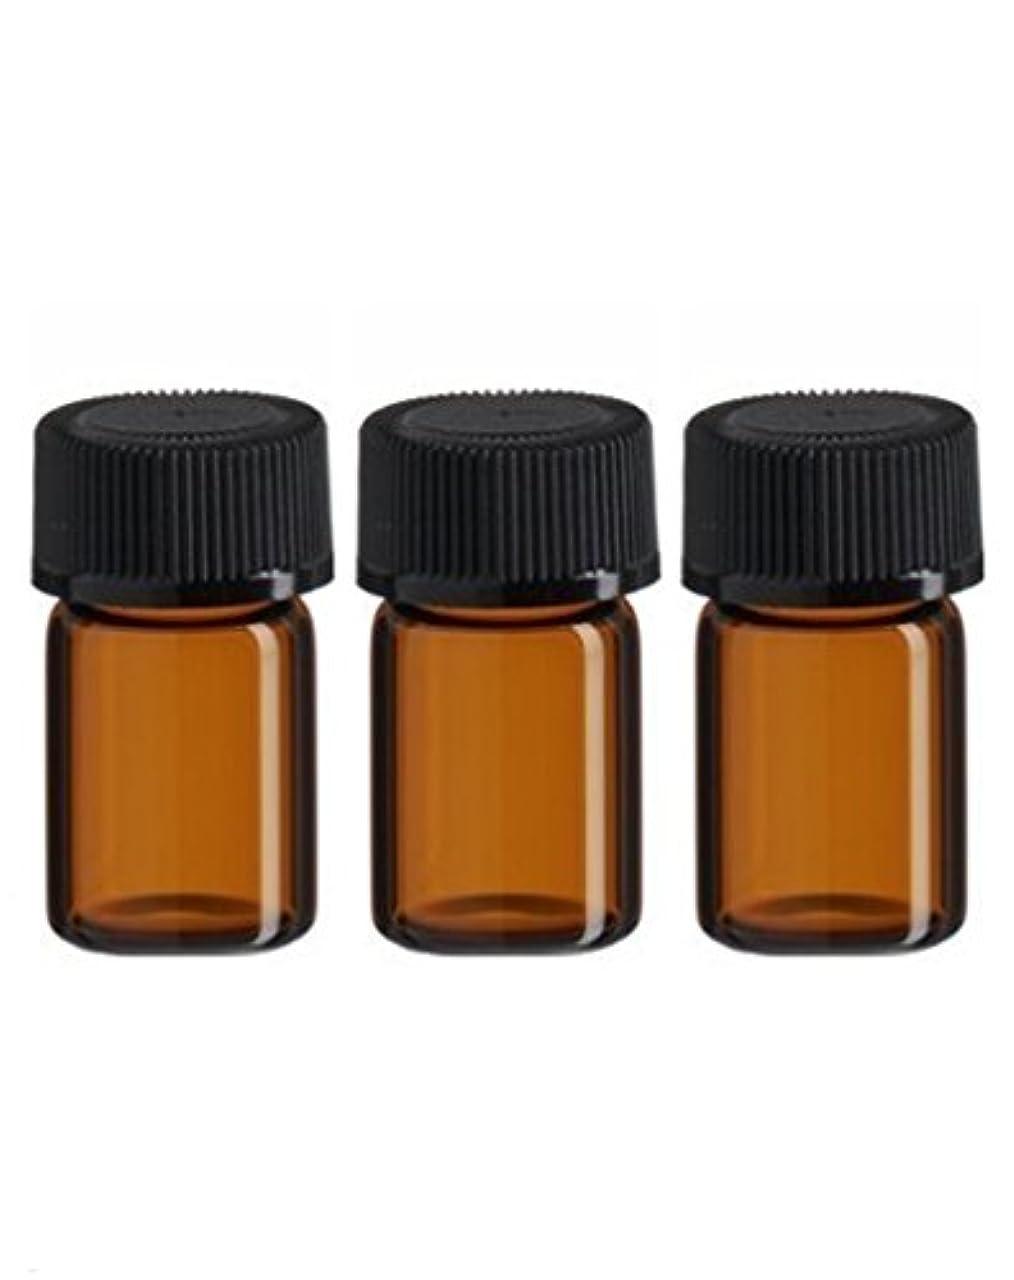 ペチコート胸序文(50) - 50pcs 3 ml Amber Glass Essential Oil Bottle with Orifice Reducer and cap (50)